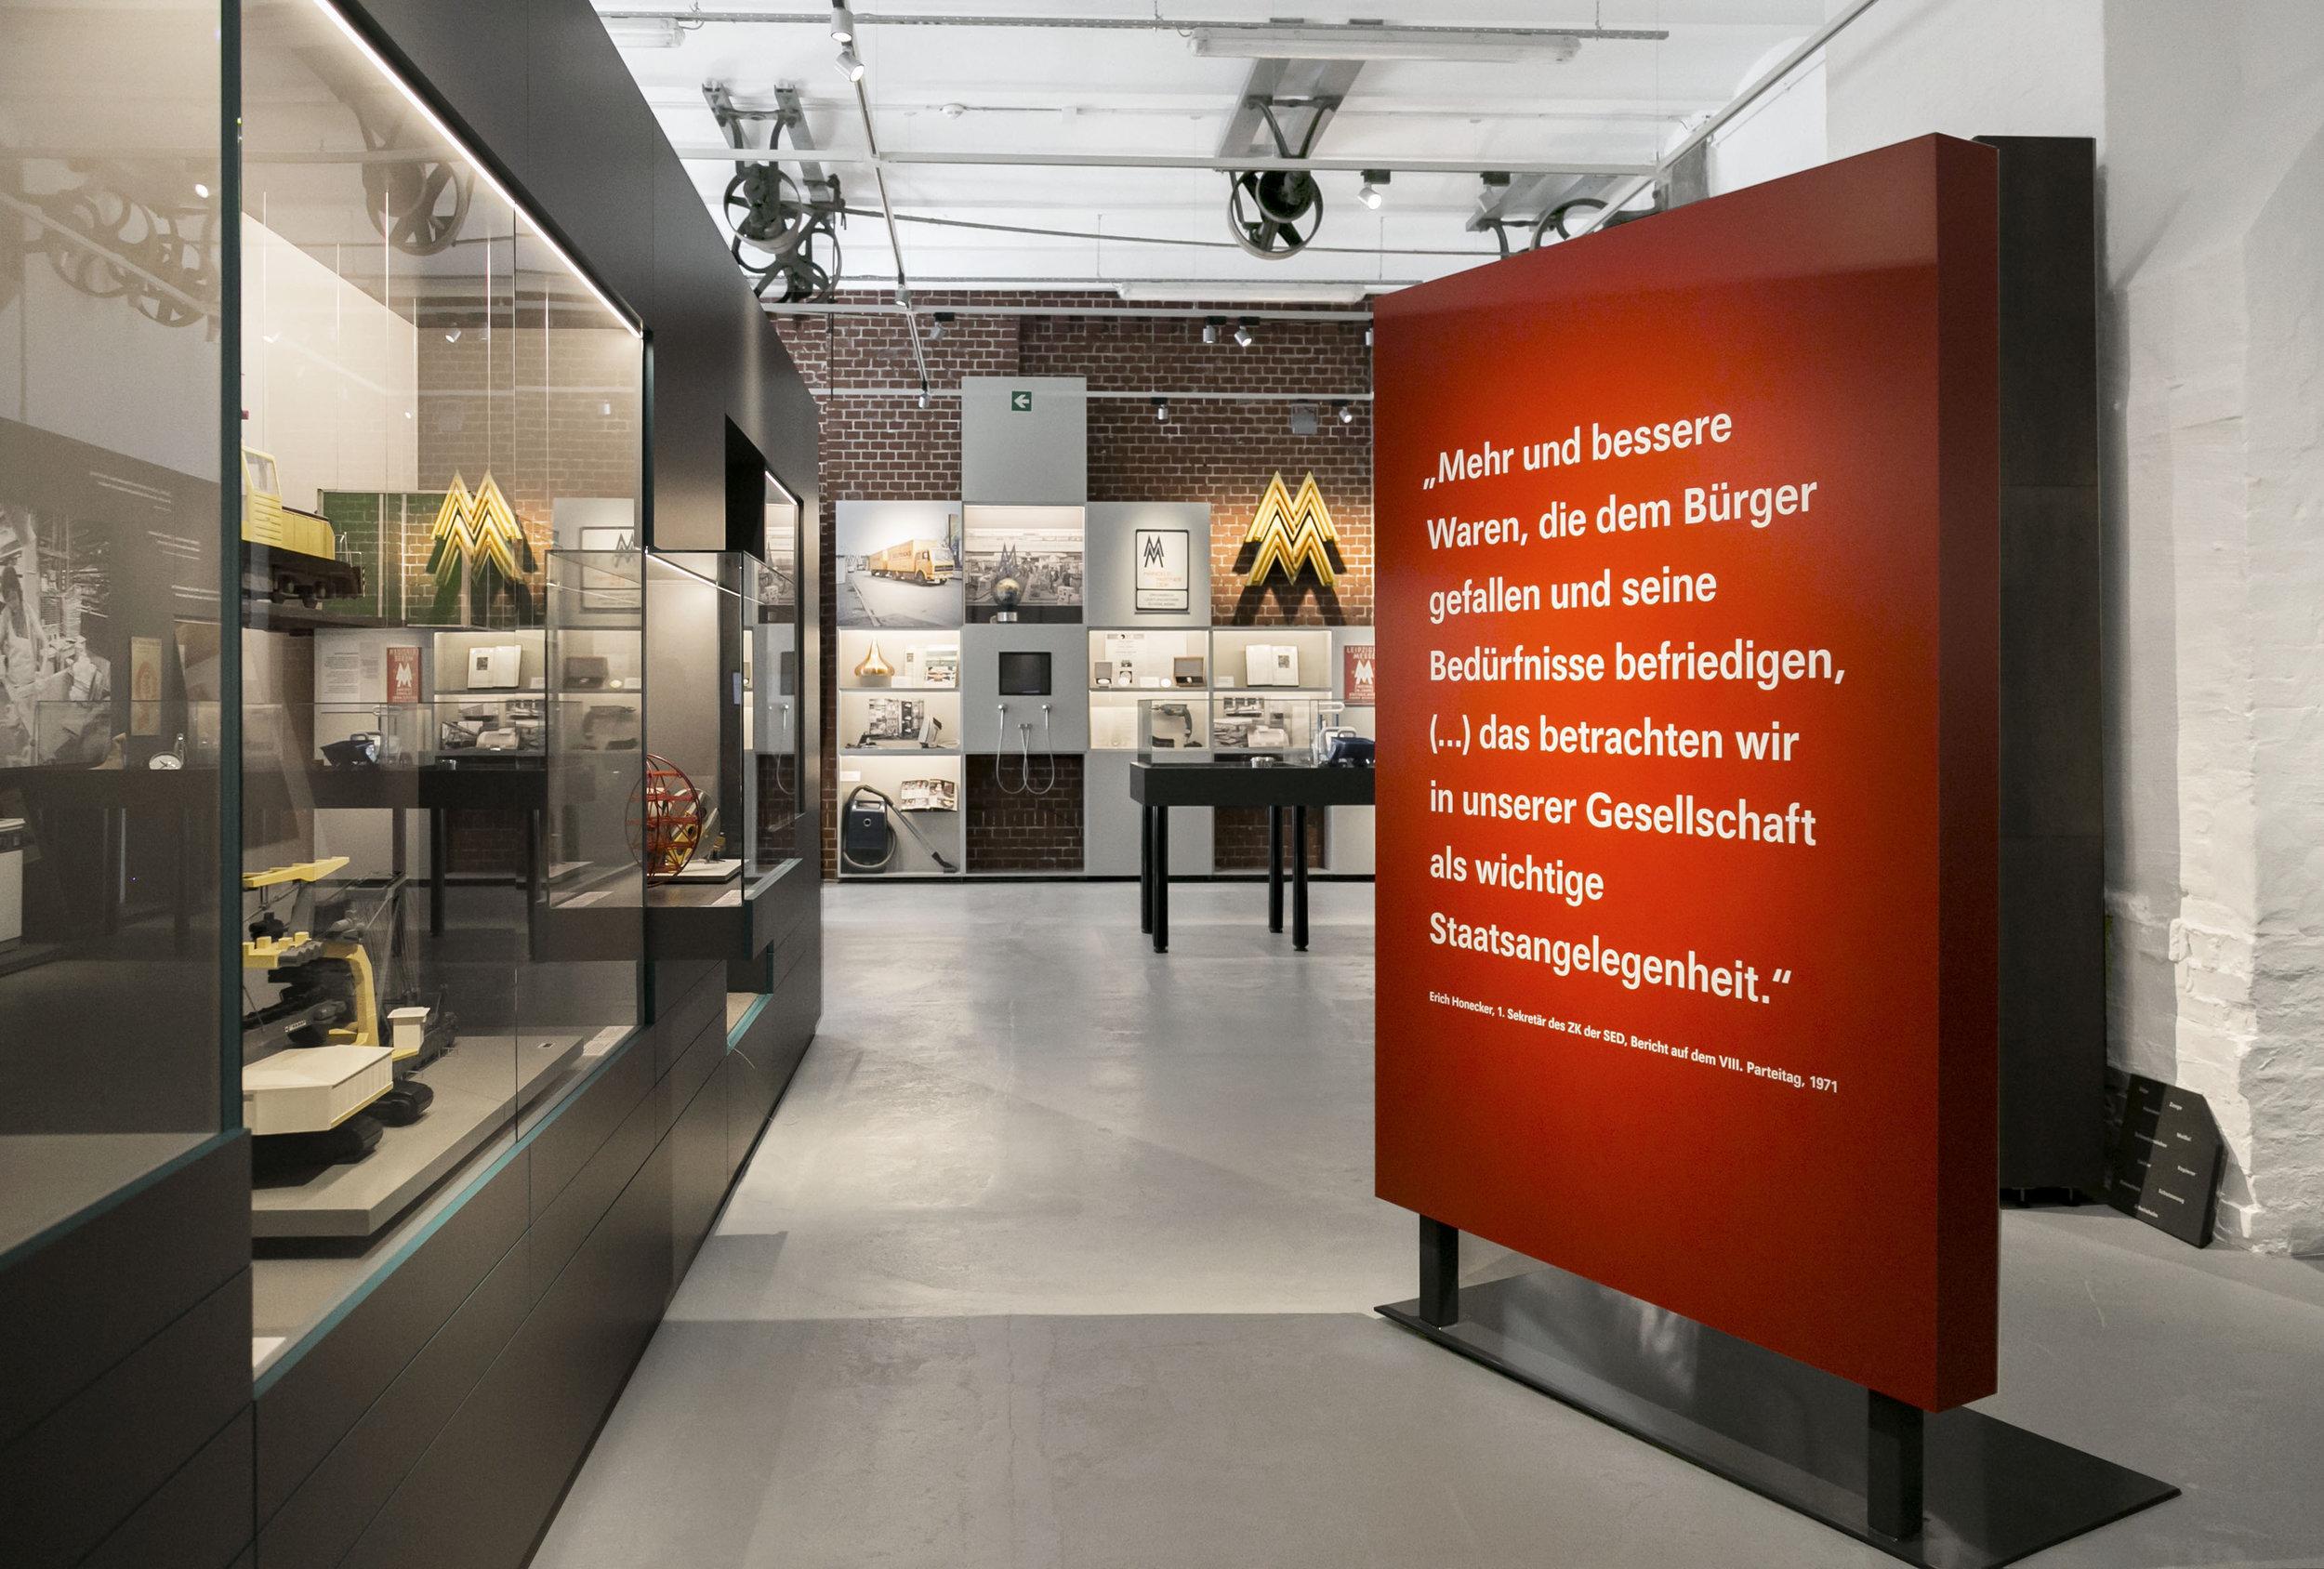 alles-nach-plan_museum-exhibition-design_coordination-berlin_002.jpg